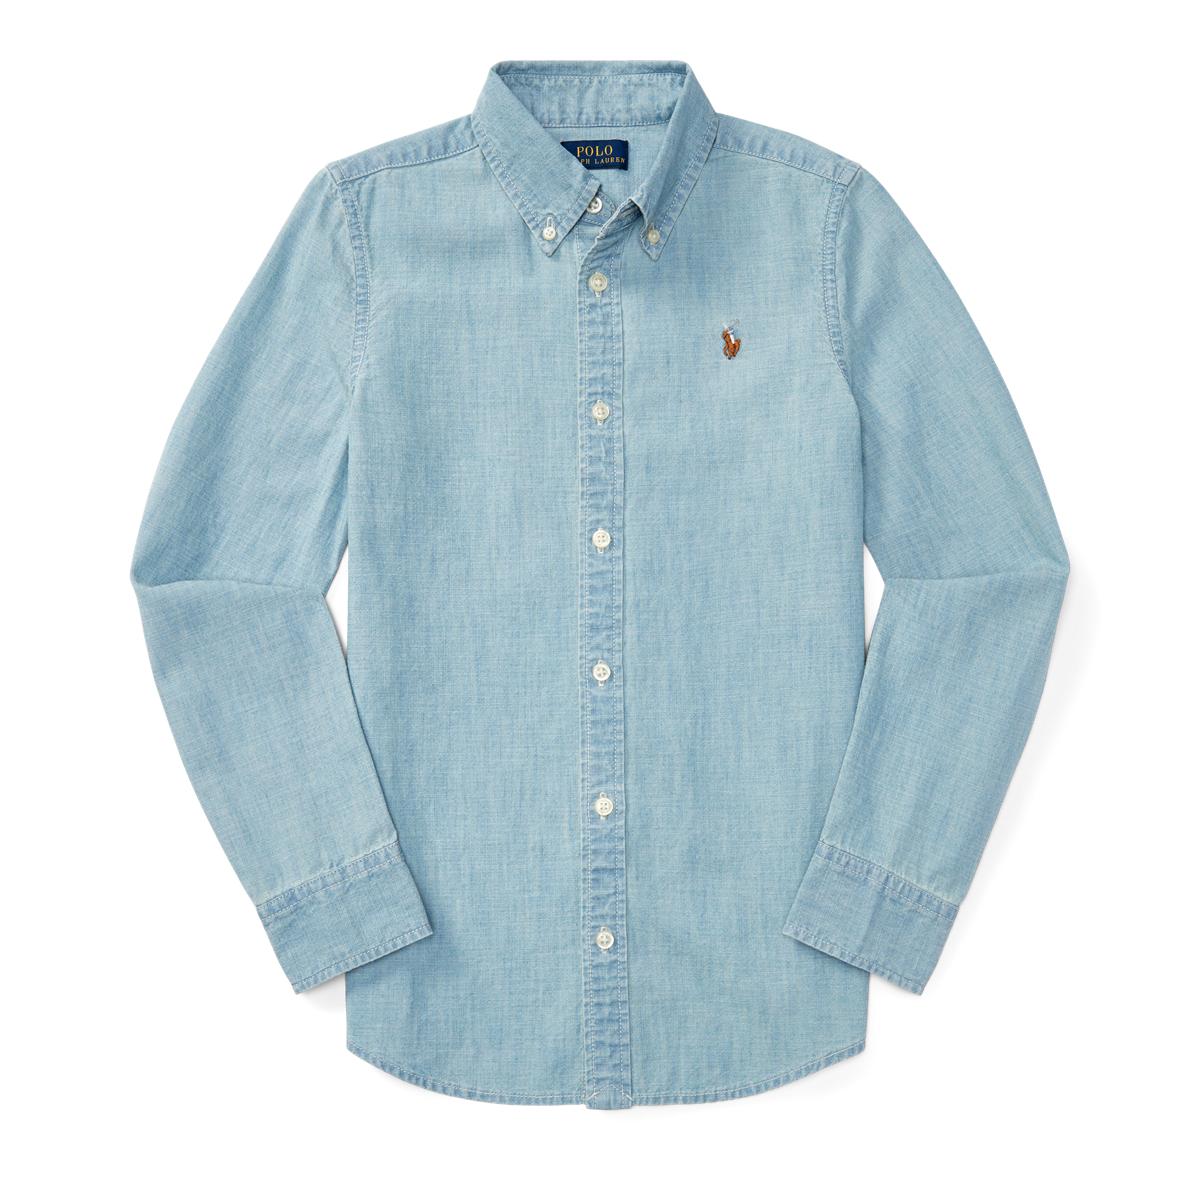 9be87ee0e5 Cotton Chambray Shirt   Ralph Lauren FR